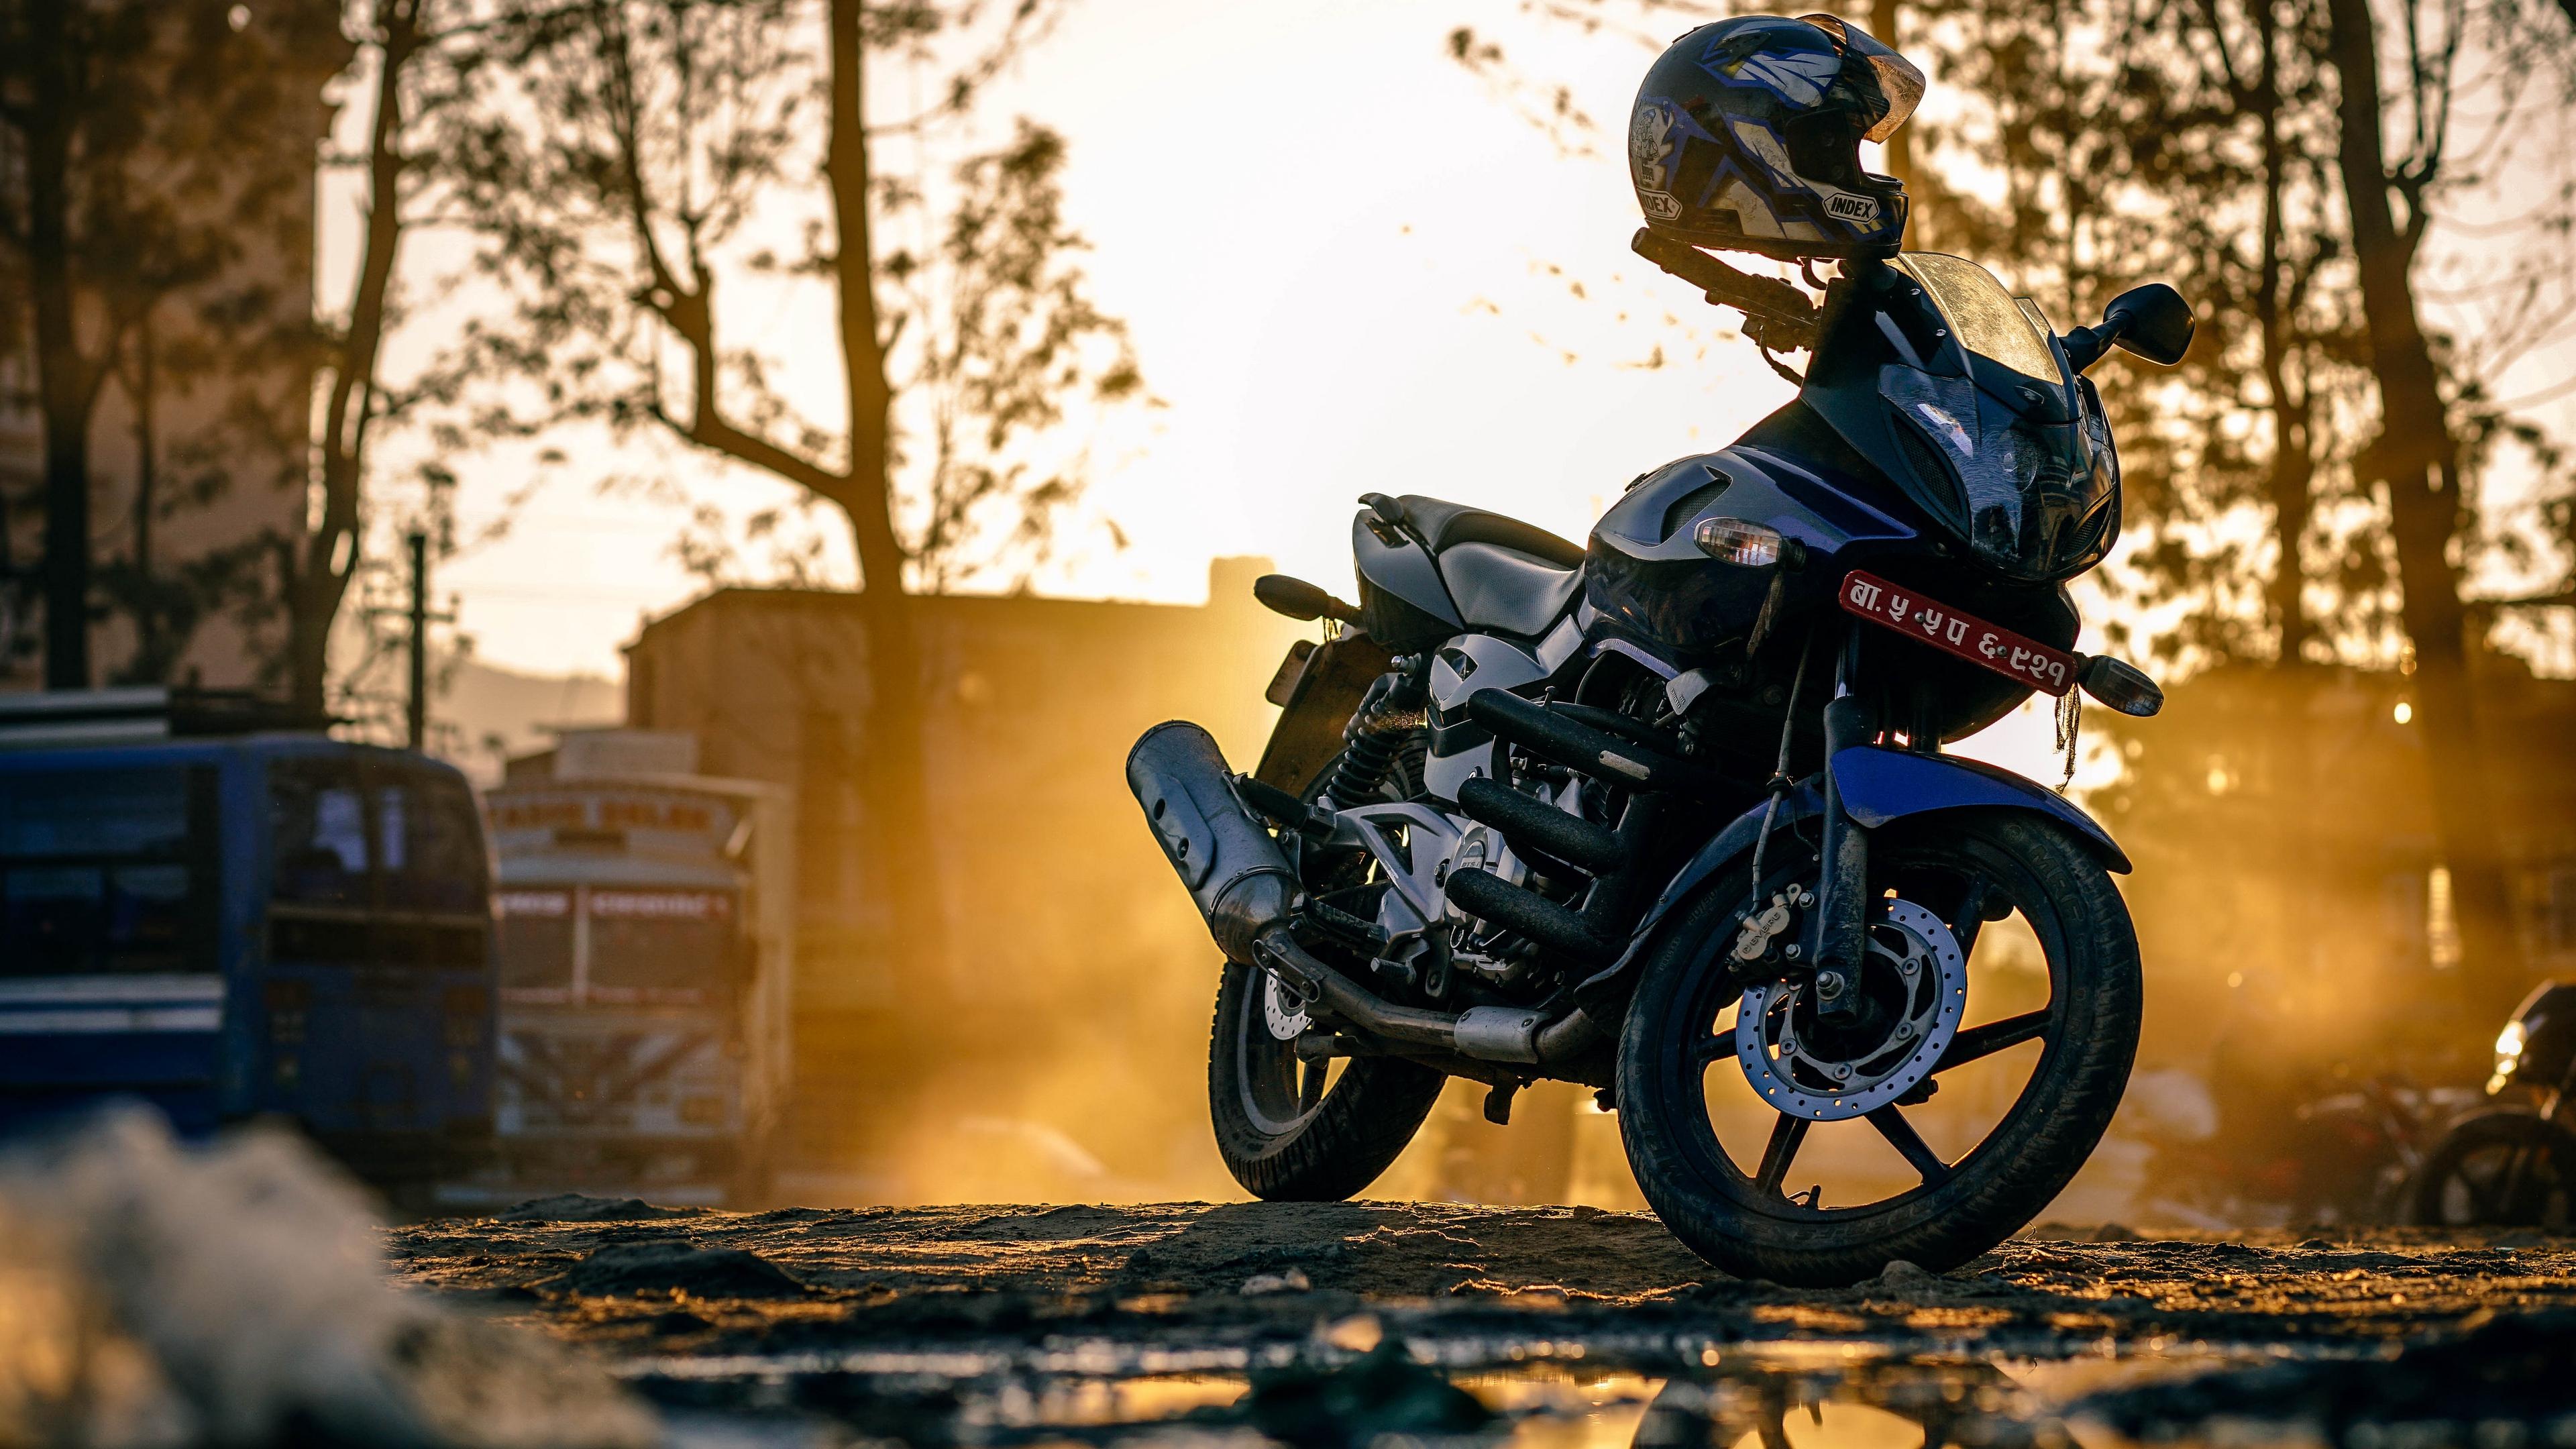 motorcycle helmet street 4k 1536018802 - motorcycle, helmet, street 4k - Street, Motorcycle, helmet